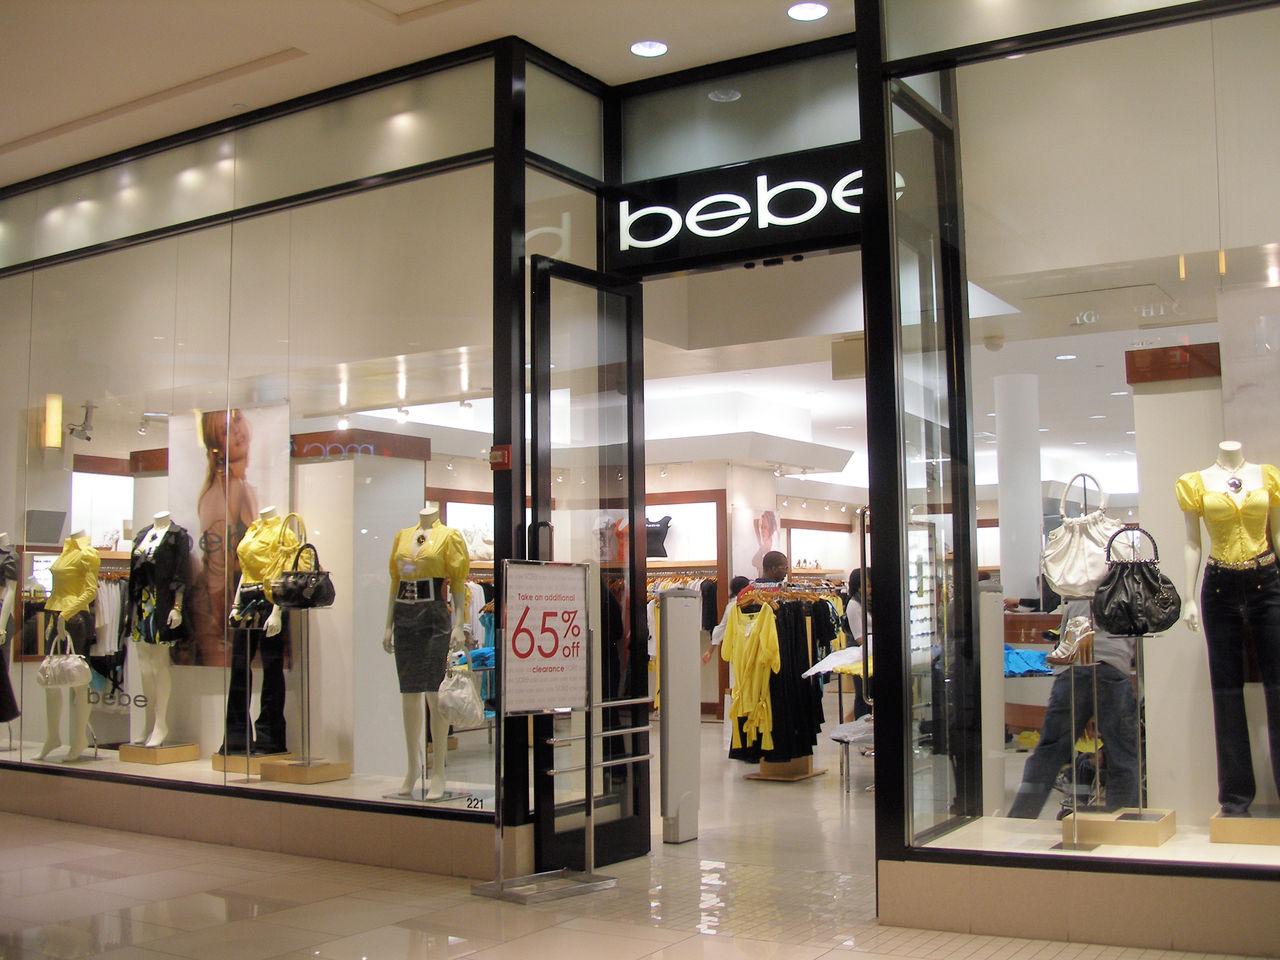 【大量閉鎖】、bebeは全店閉鎖にルー21は400店の閉鎖!チェーンストア経営は終焉? 激しくウォルマートなアメリカ